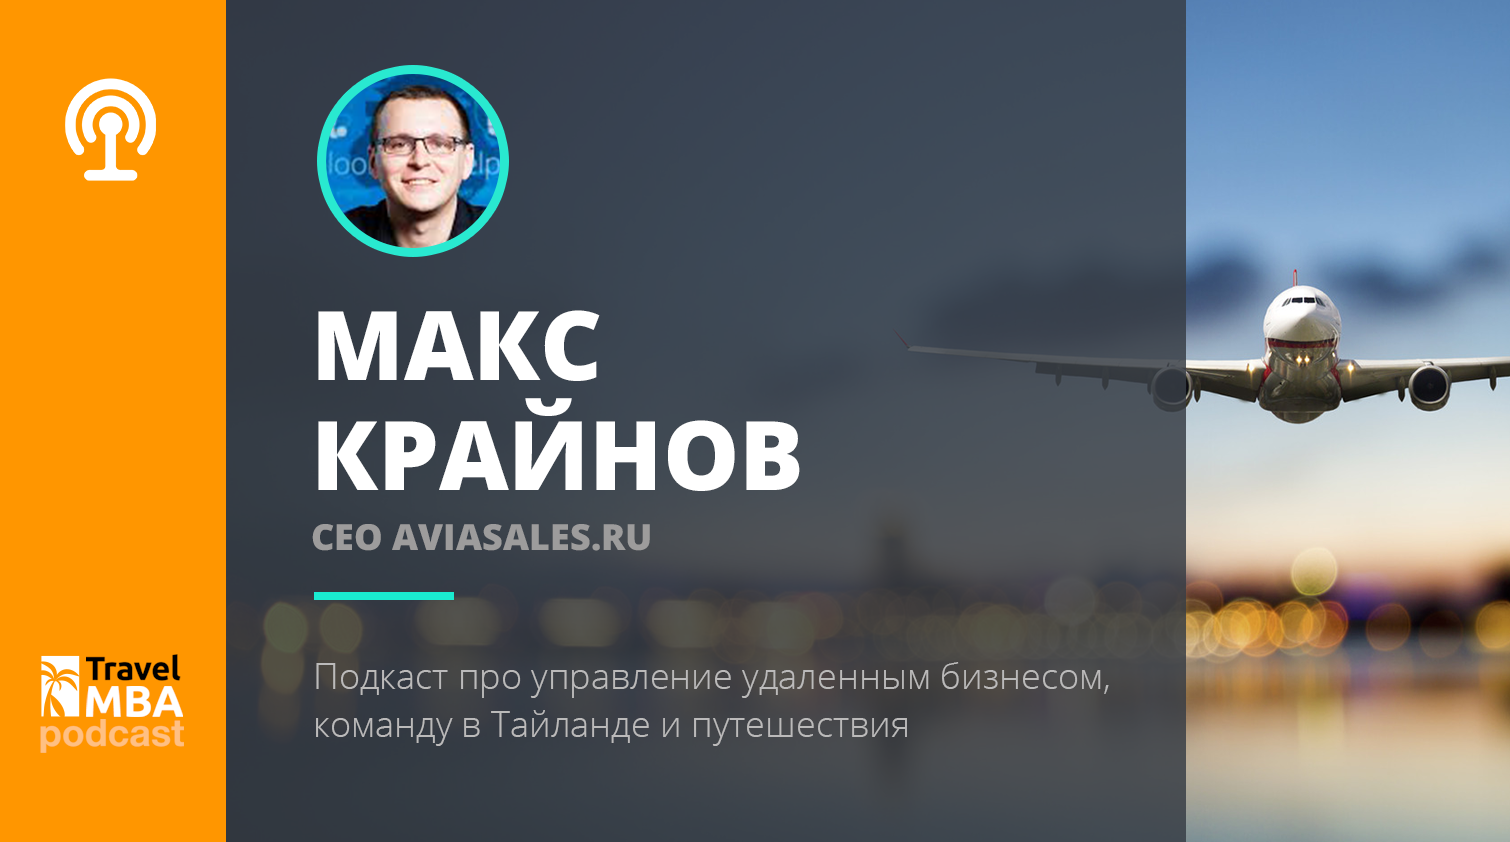 [Подкаст] Макс Крайнов CEO Aviasales.ru: про управление удаленным бизнесом, команду в Тайланде и путешествия